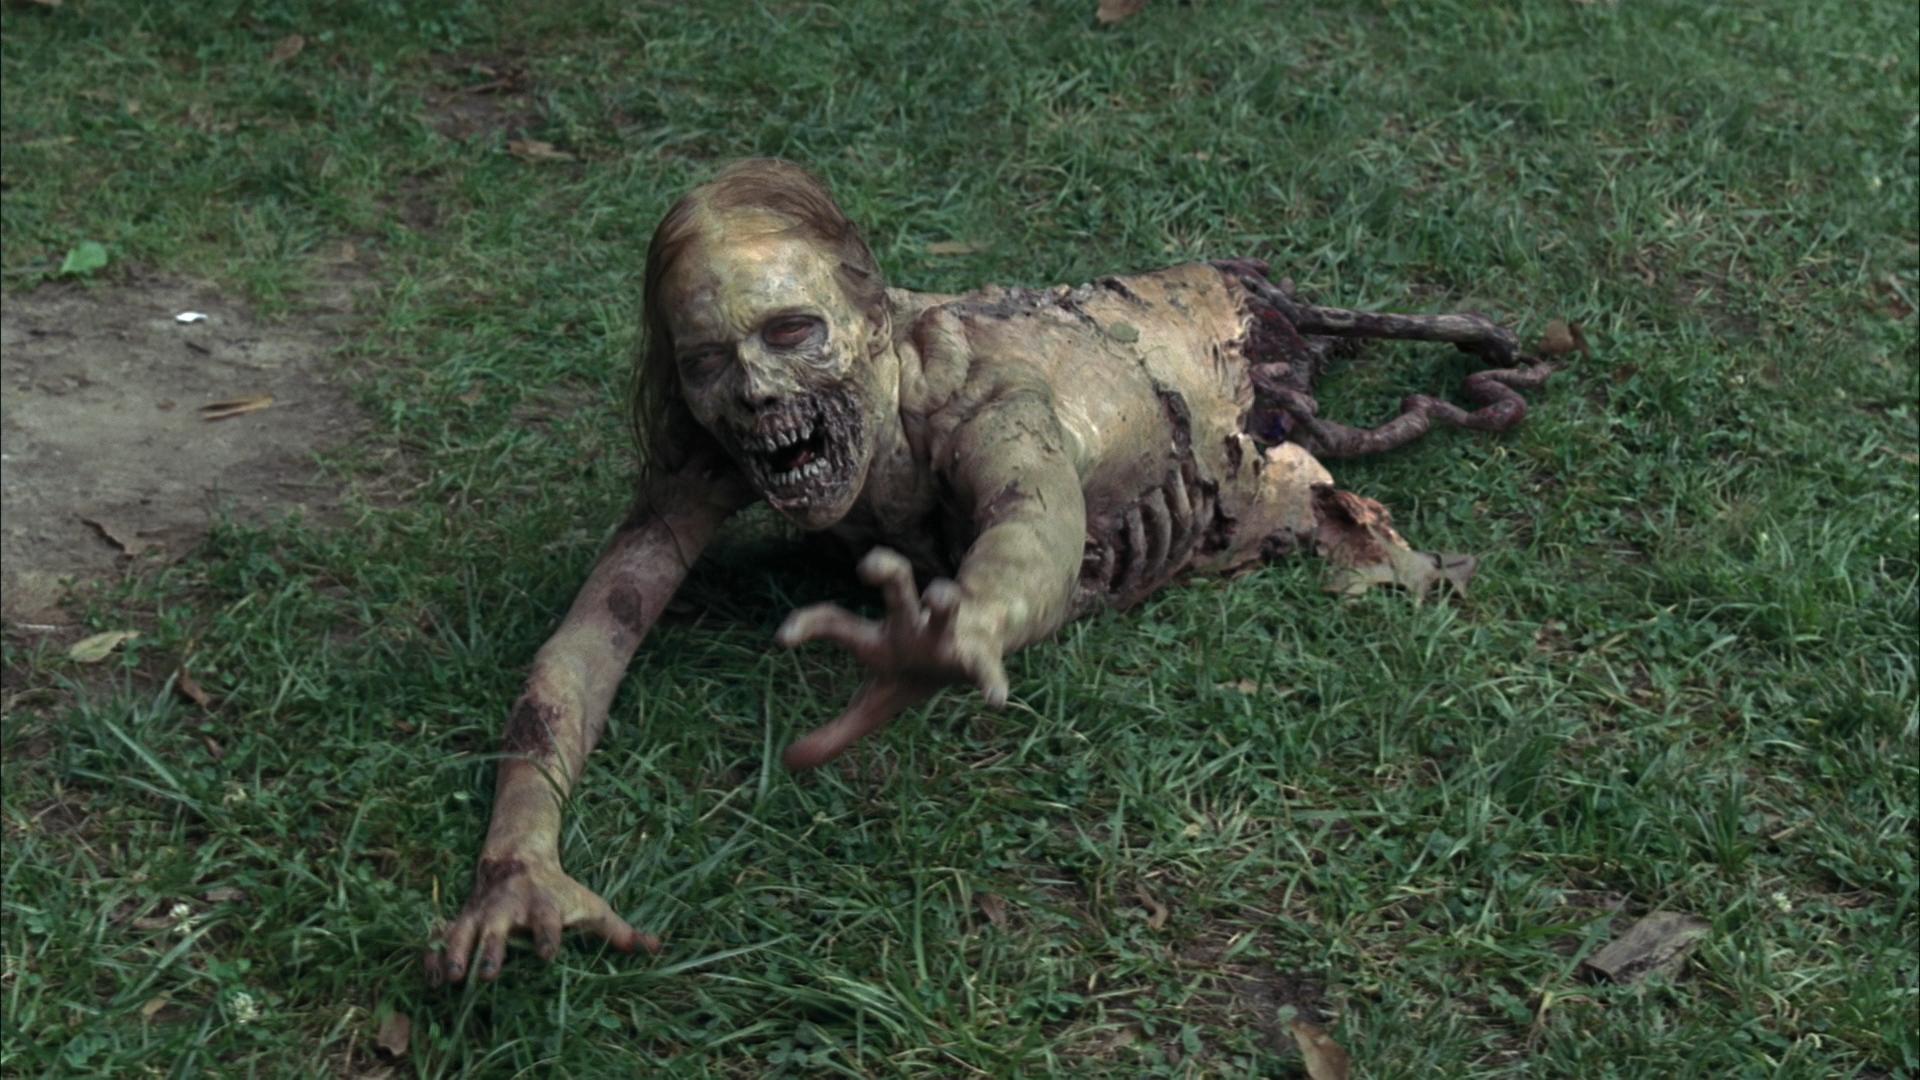 [OFF/NETO]Porque a ideia de um apocalipse Zumbi é idiota e fadada ao fracasso. Zombie